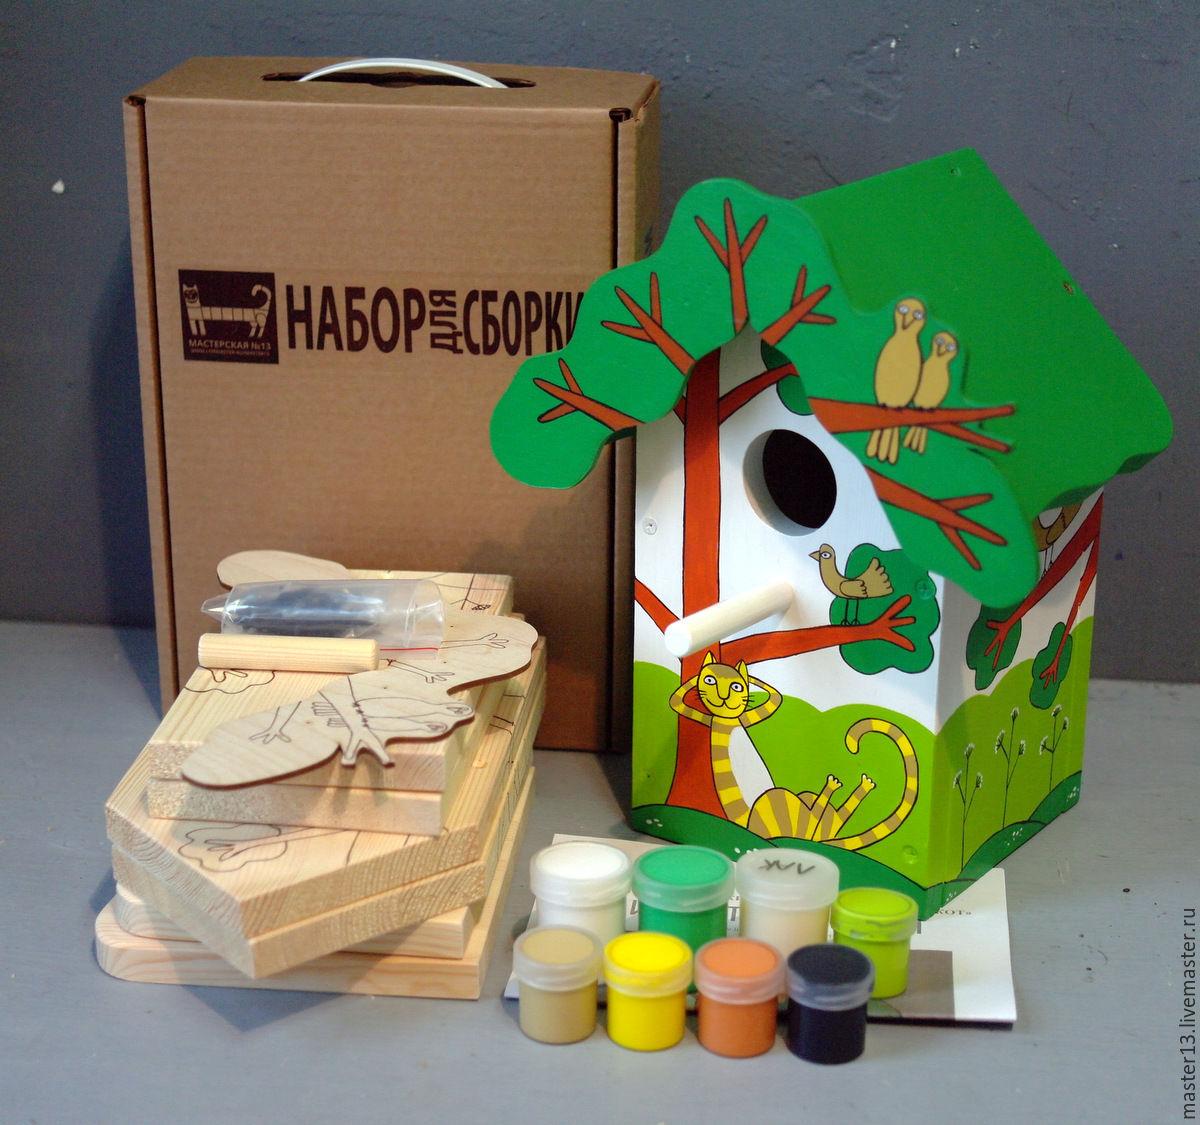 Развивающие игрушки ручной работы. Ярмарка Мастеров - ручная работа. Купить Скворечник 'Рыжий кот' в виде набора для сборки с красками. Handmade.